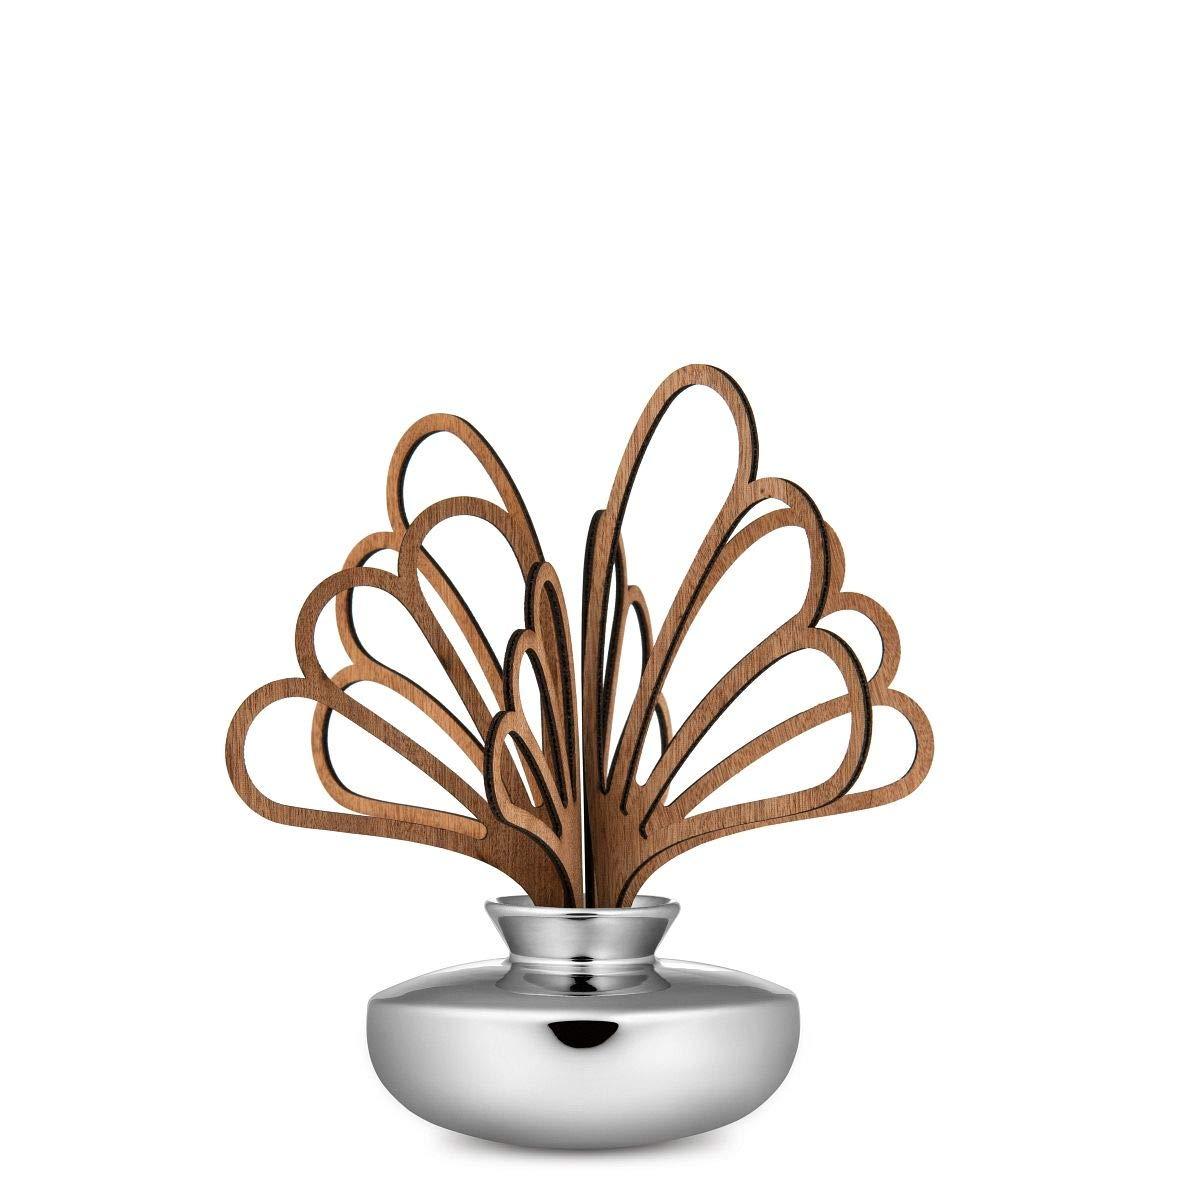 Alessi Uhhh Diffusore a Foglia per Ambiente Porcellana Legno di Mogano 11 x 32 x 15 Argento